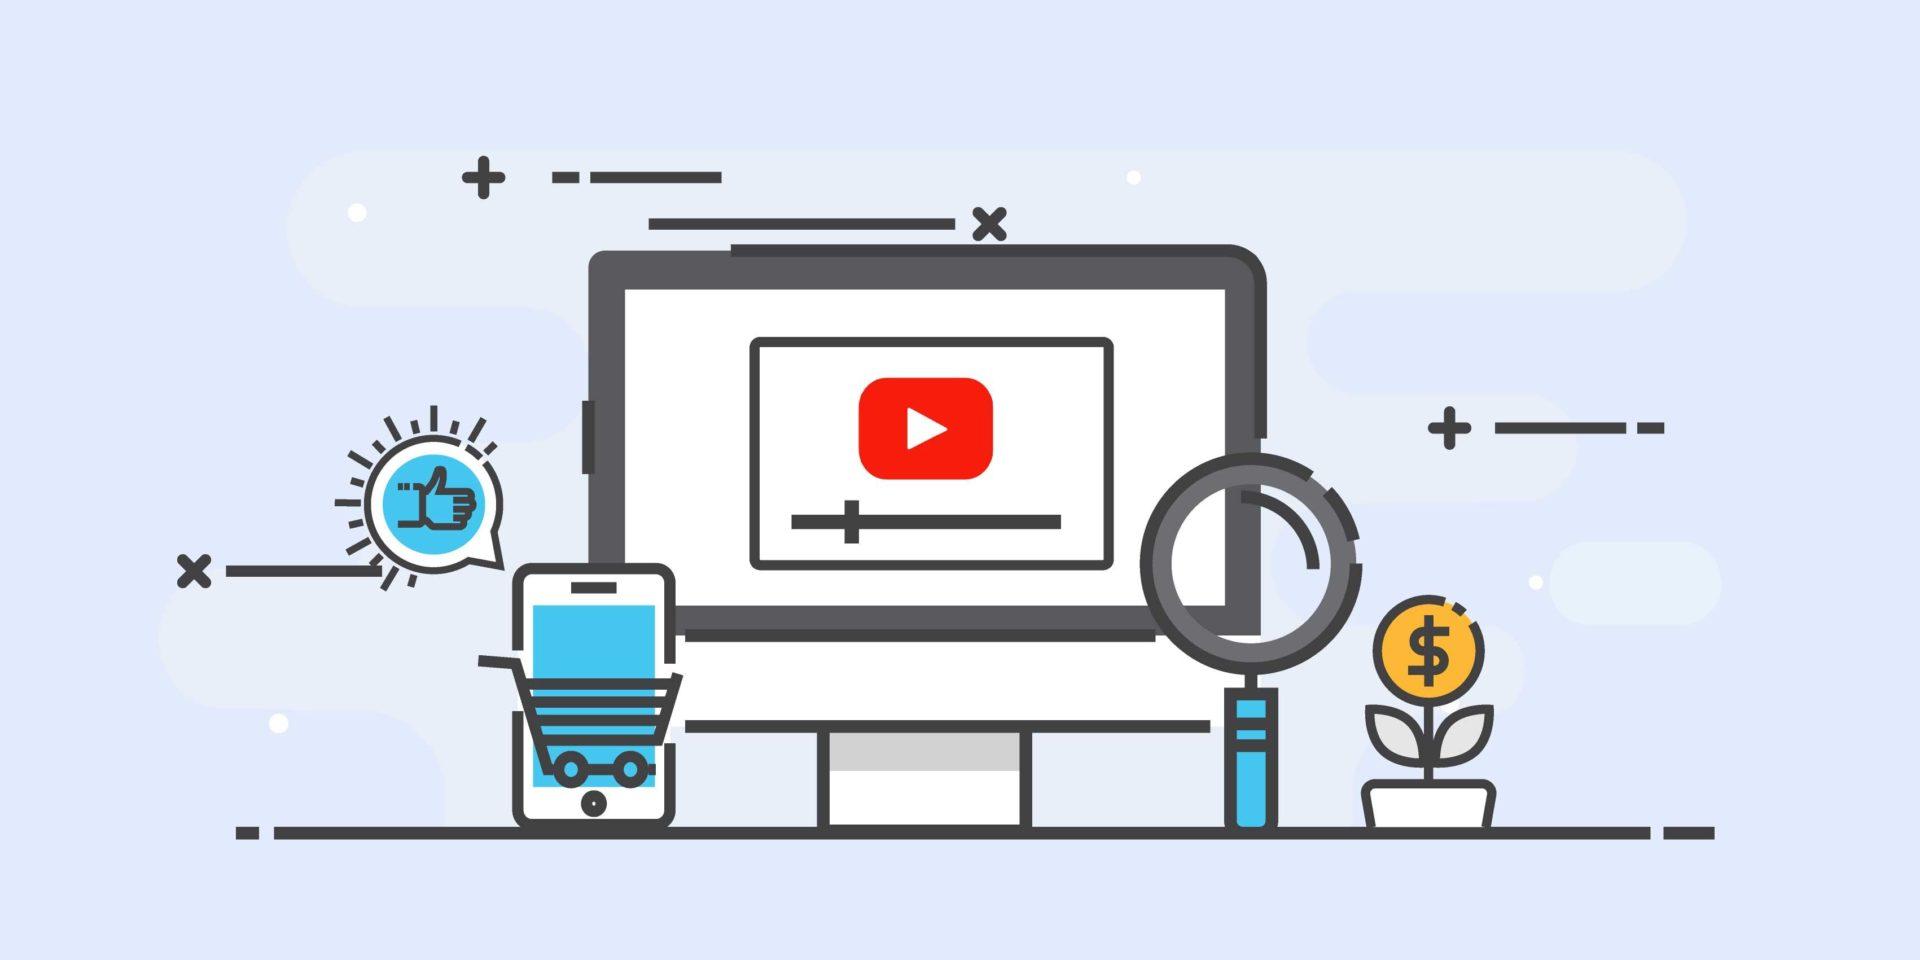 Mais de 50% das pessoas acessam o Youtube para saber mais antes de comprar